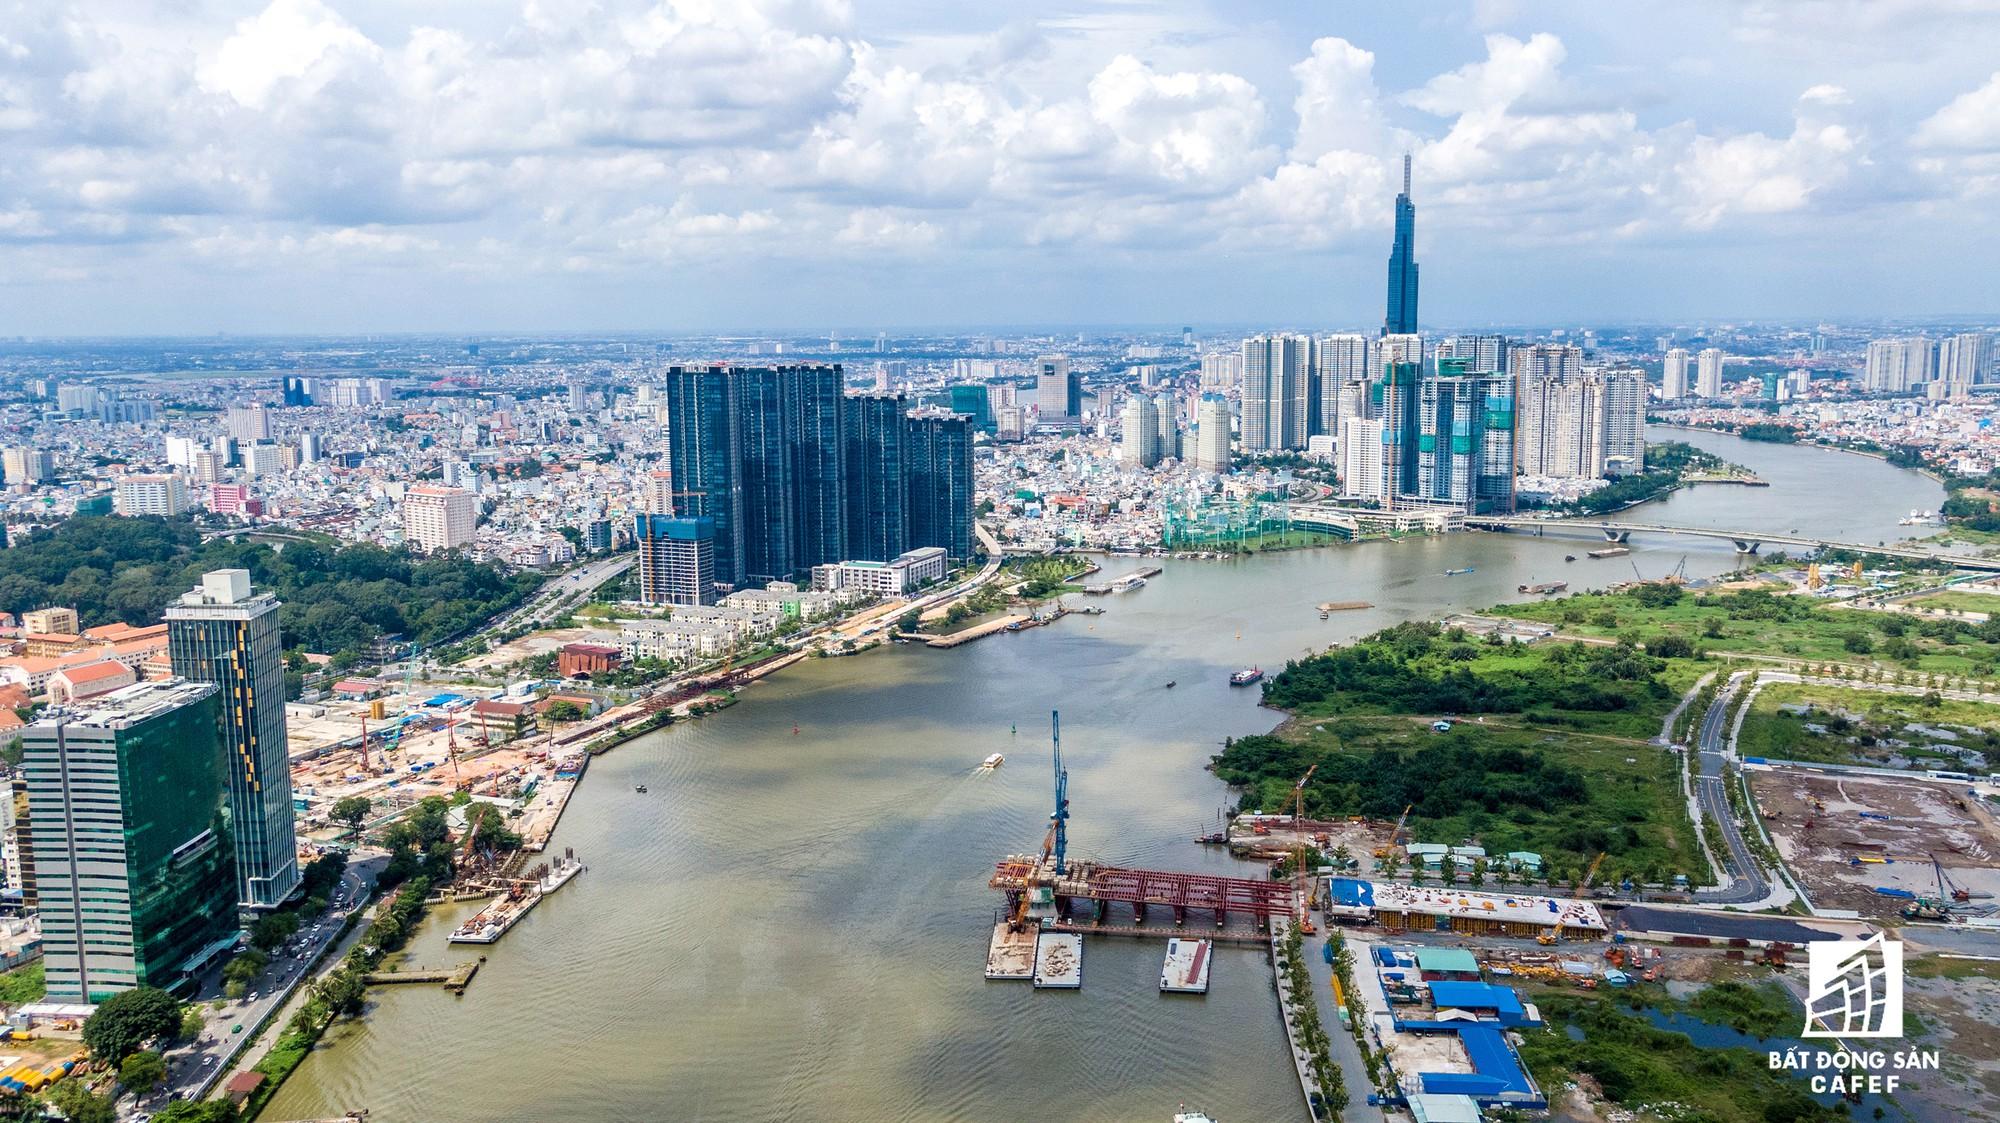 Diện mạo hai bờ sông Sài Gòn tương lai nhìn từ loạt siêu dự án tỷ đô, khu vực trung tâm giá nhà lên hơn 1 tỷ đồng/m2 - Ảnh 24.